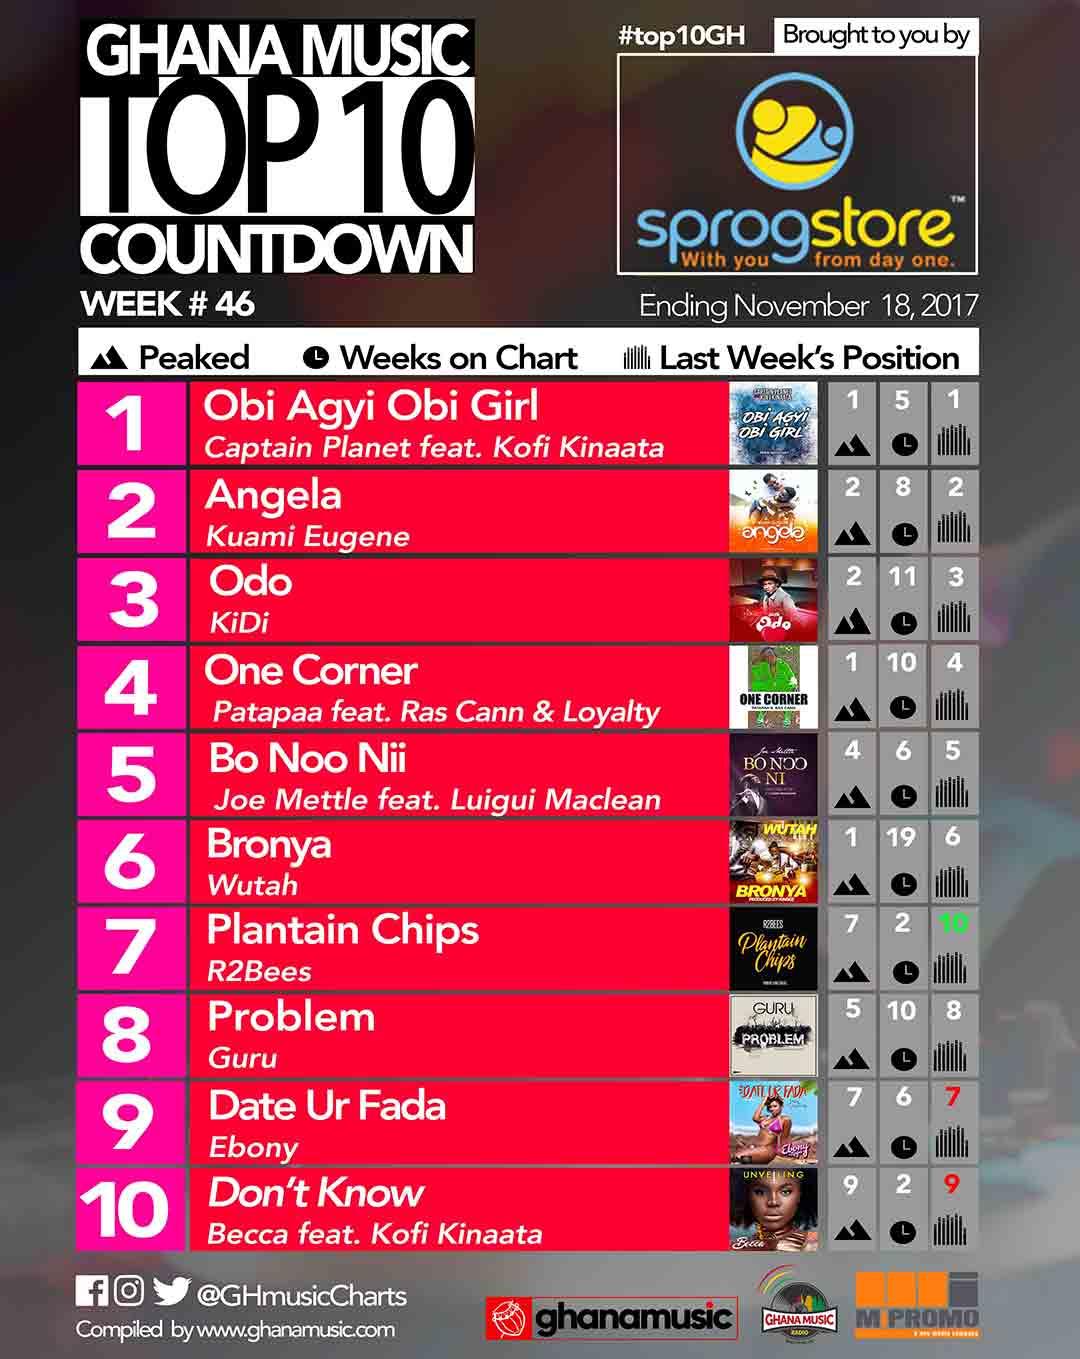 Week #46: Week ending Saturday, November 18th, 2017. Ghana Music Top 10 Countdown.